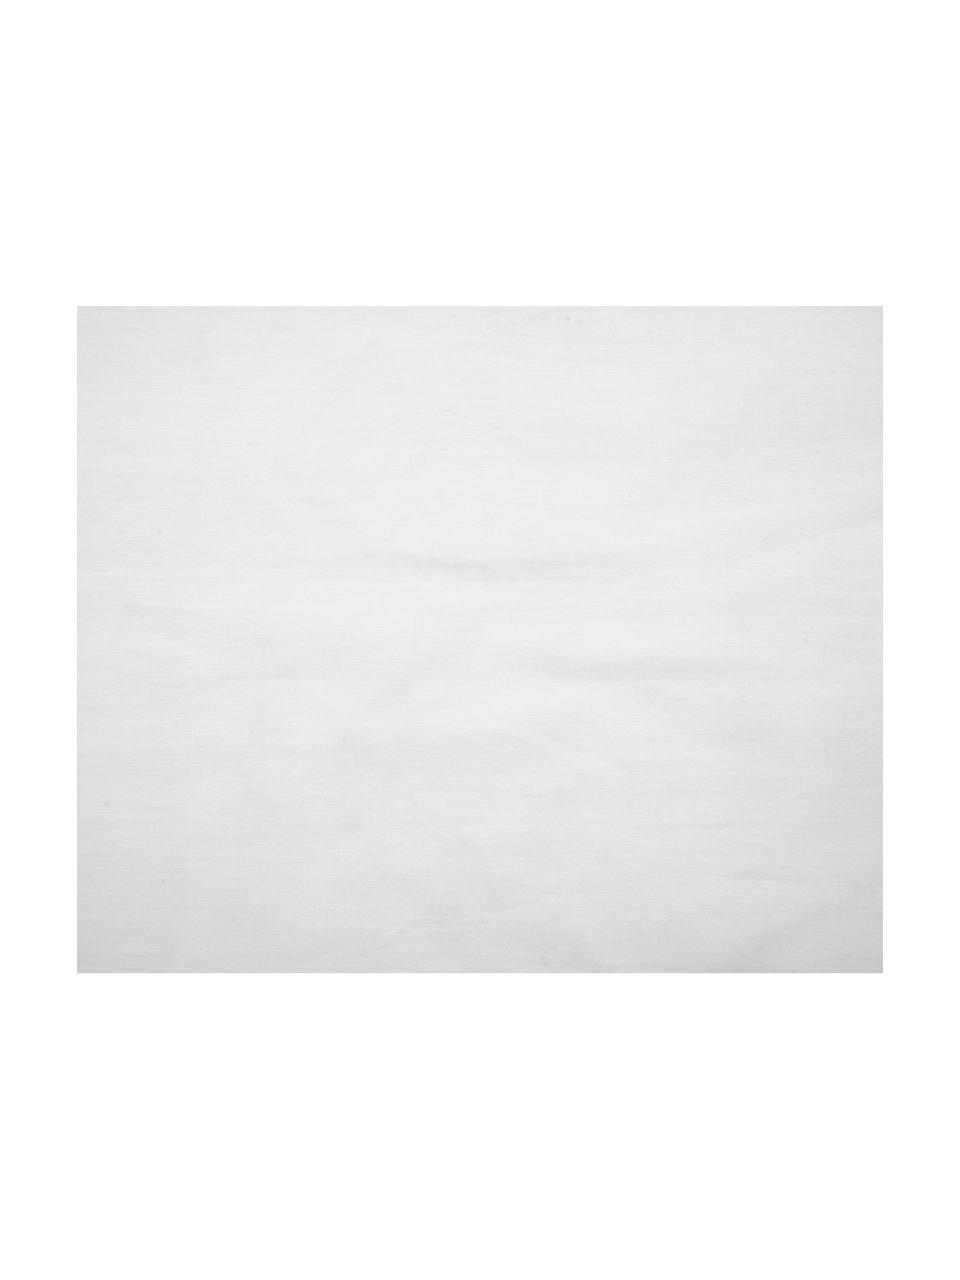 Dubbelzijdig dekbedovertrek Malin, Weeftechniek: renforcé Draaddichtheid 2, Bovenzijde: marmerpatroon, grijs Onderzijde: lichtgrijs, effen, 140 x 200 cm